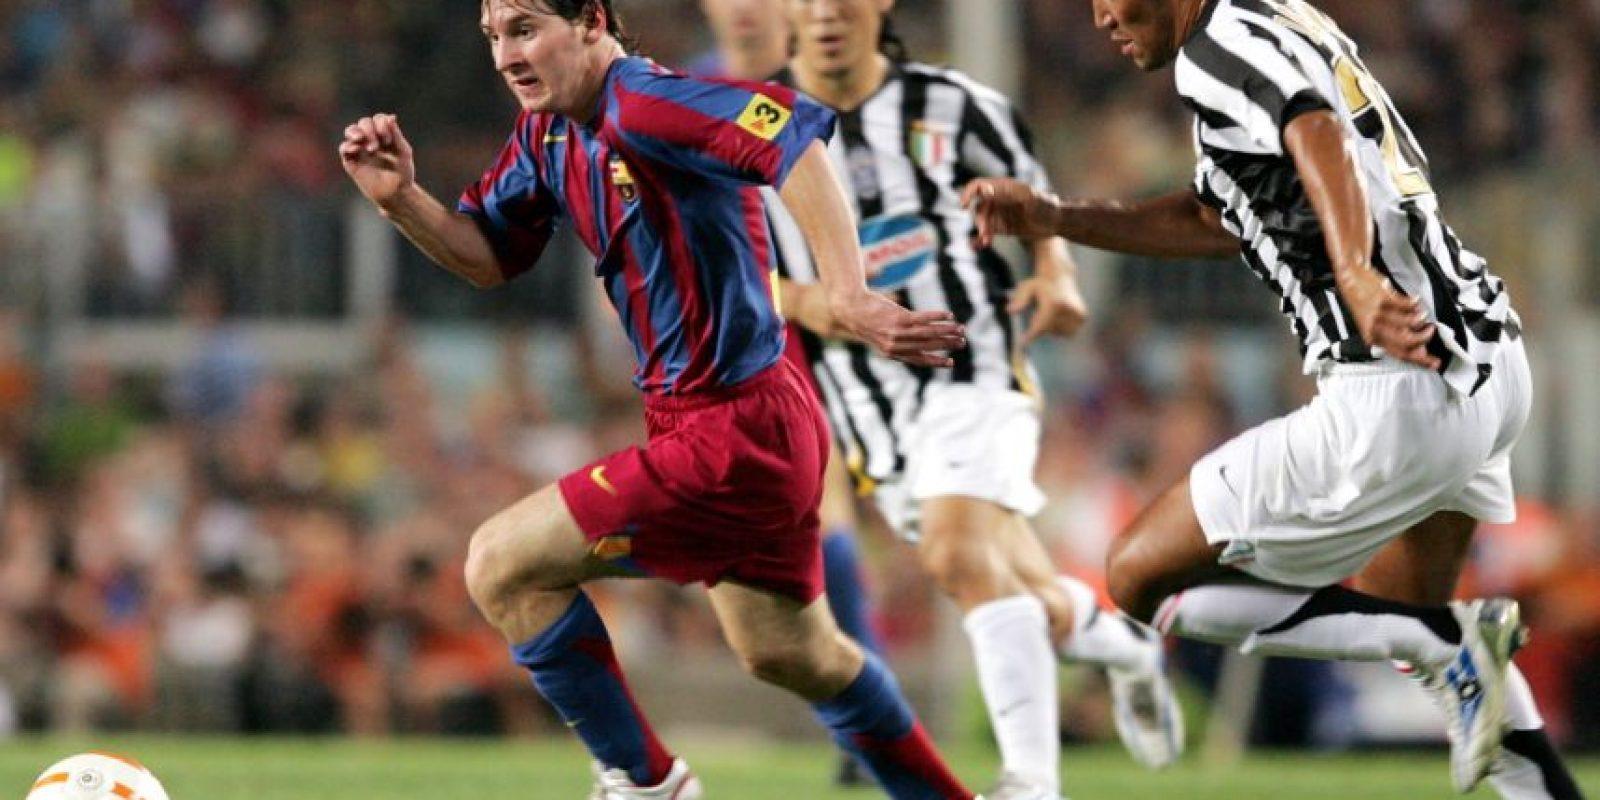 El Trofeo Joan Gamper es el partido de presentación del Barcelona cada temporada. Foto:Publinews